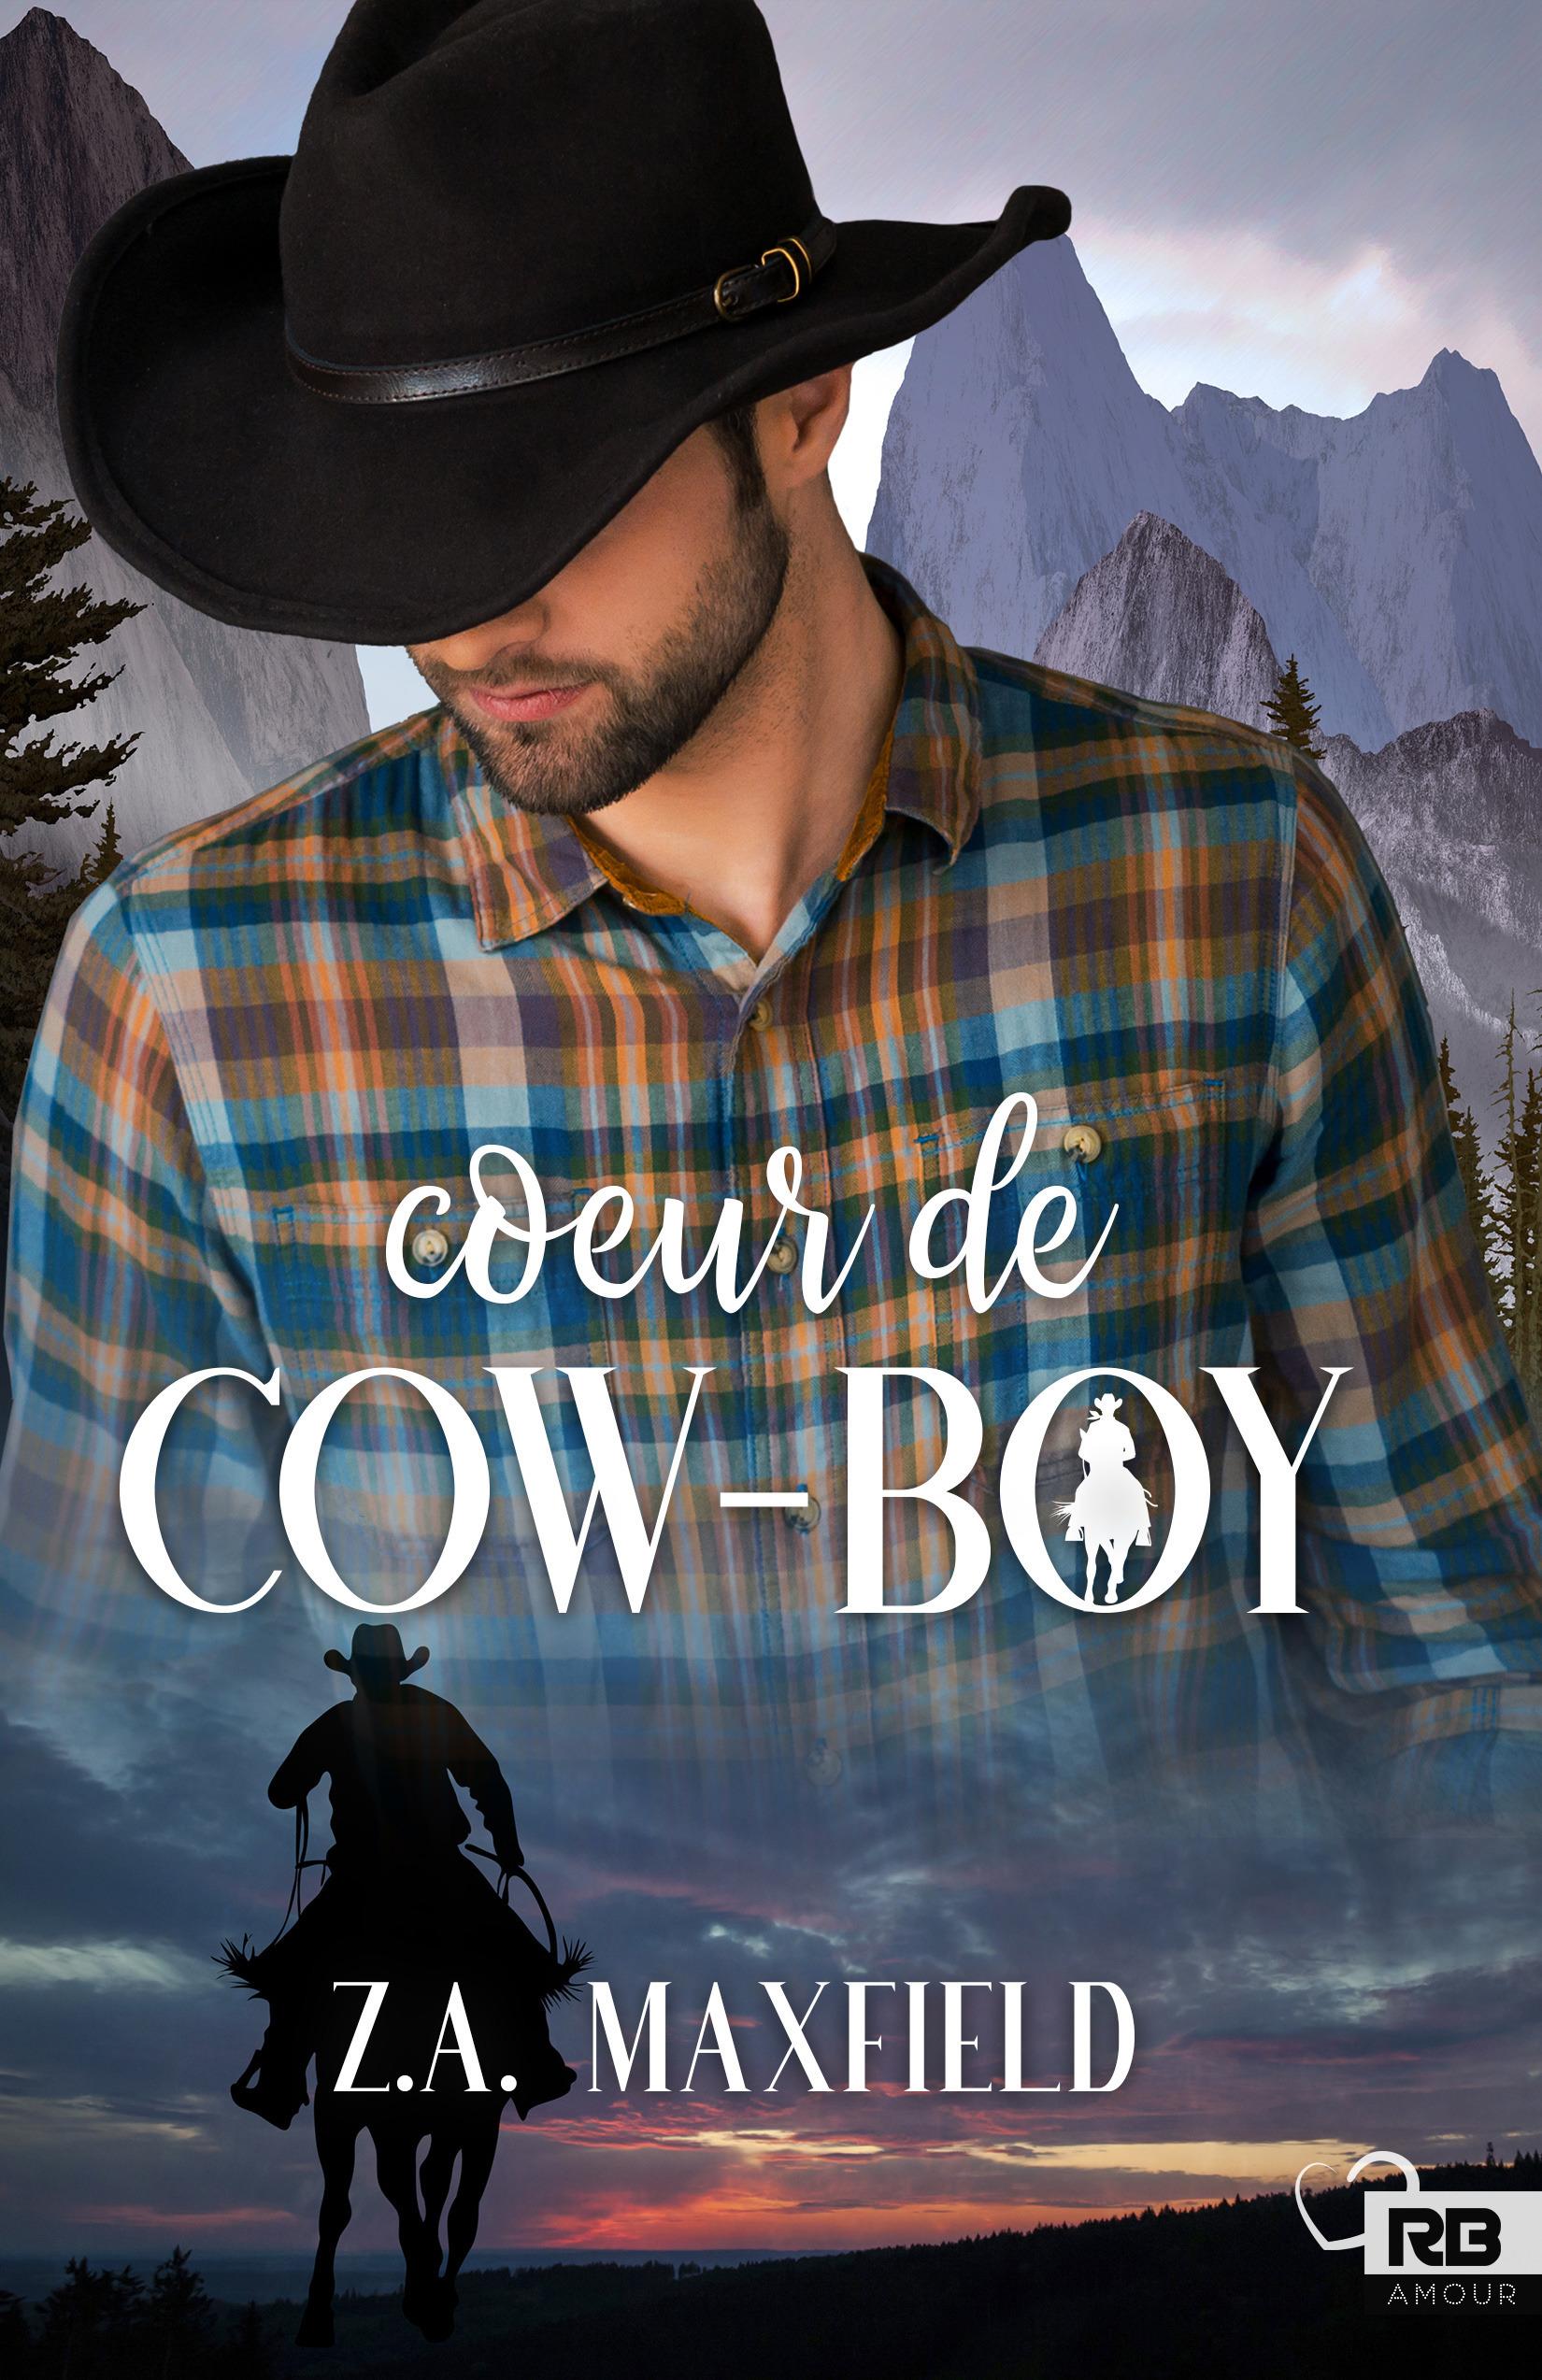 Coeur de cow-boy